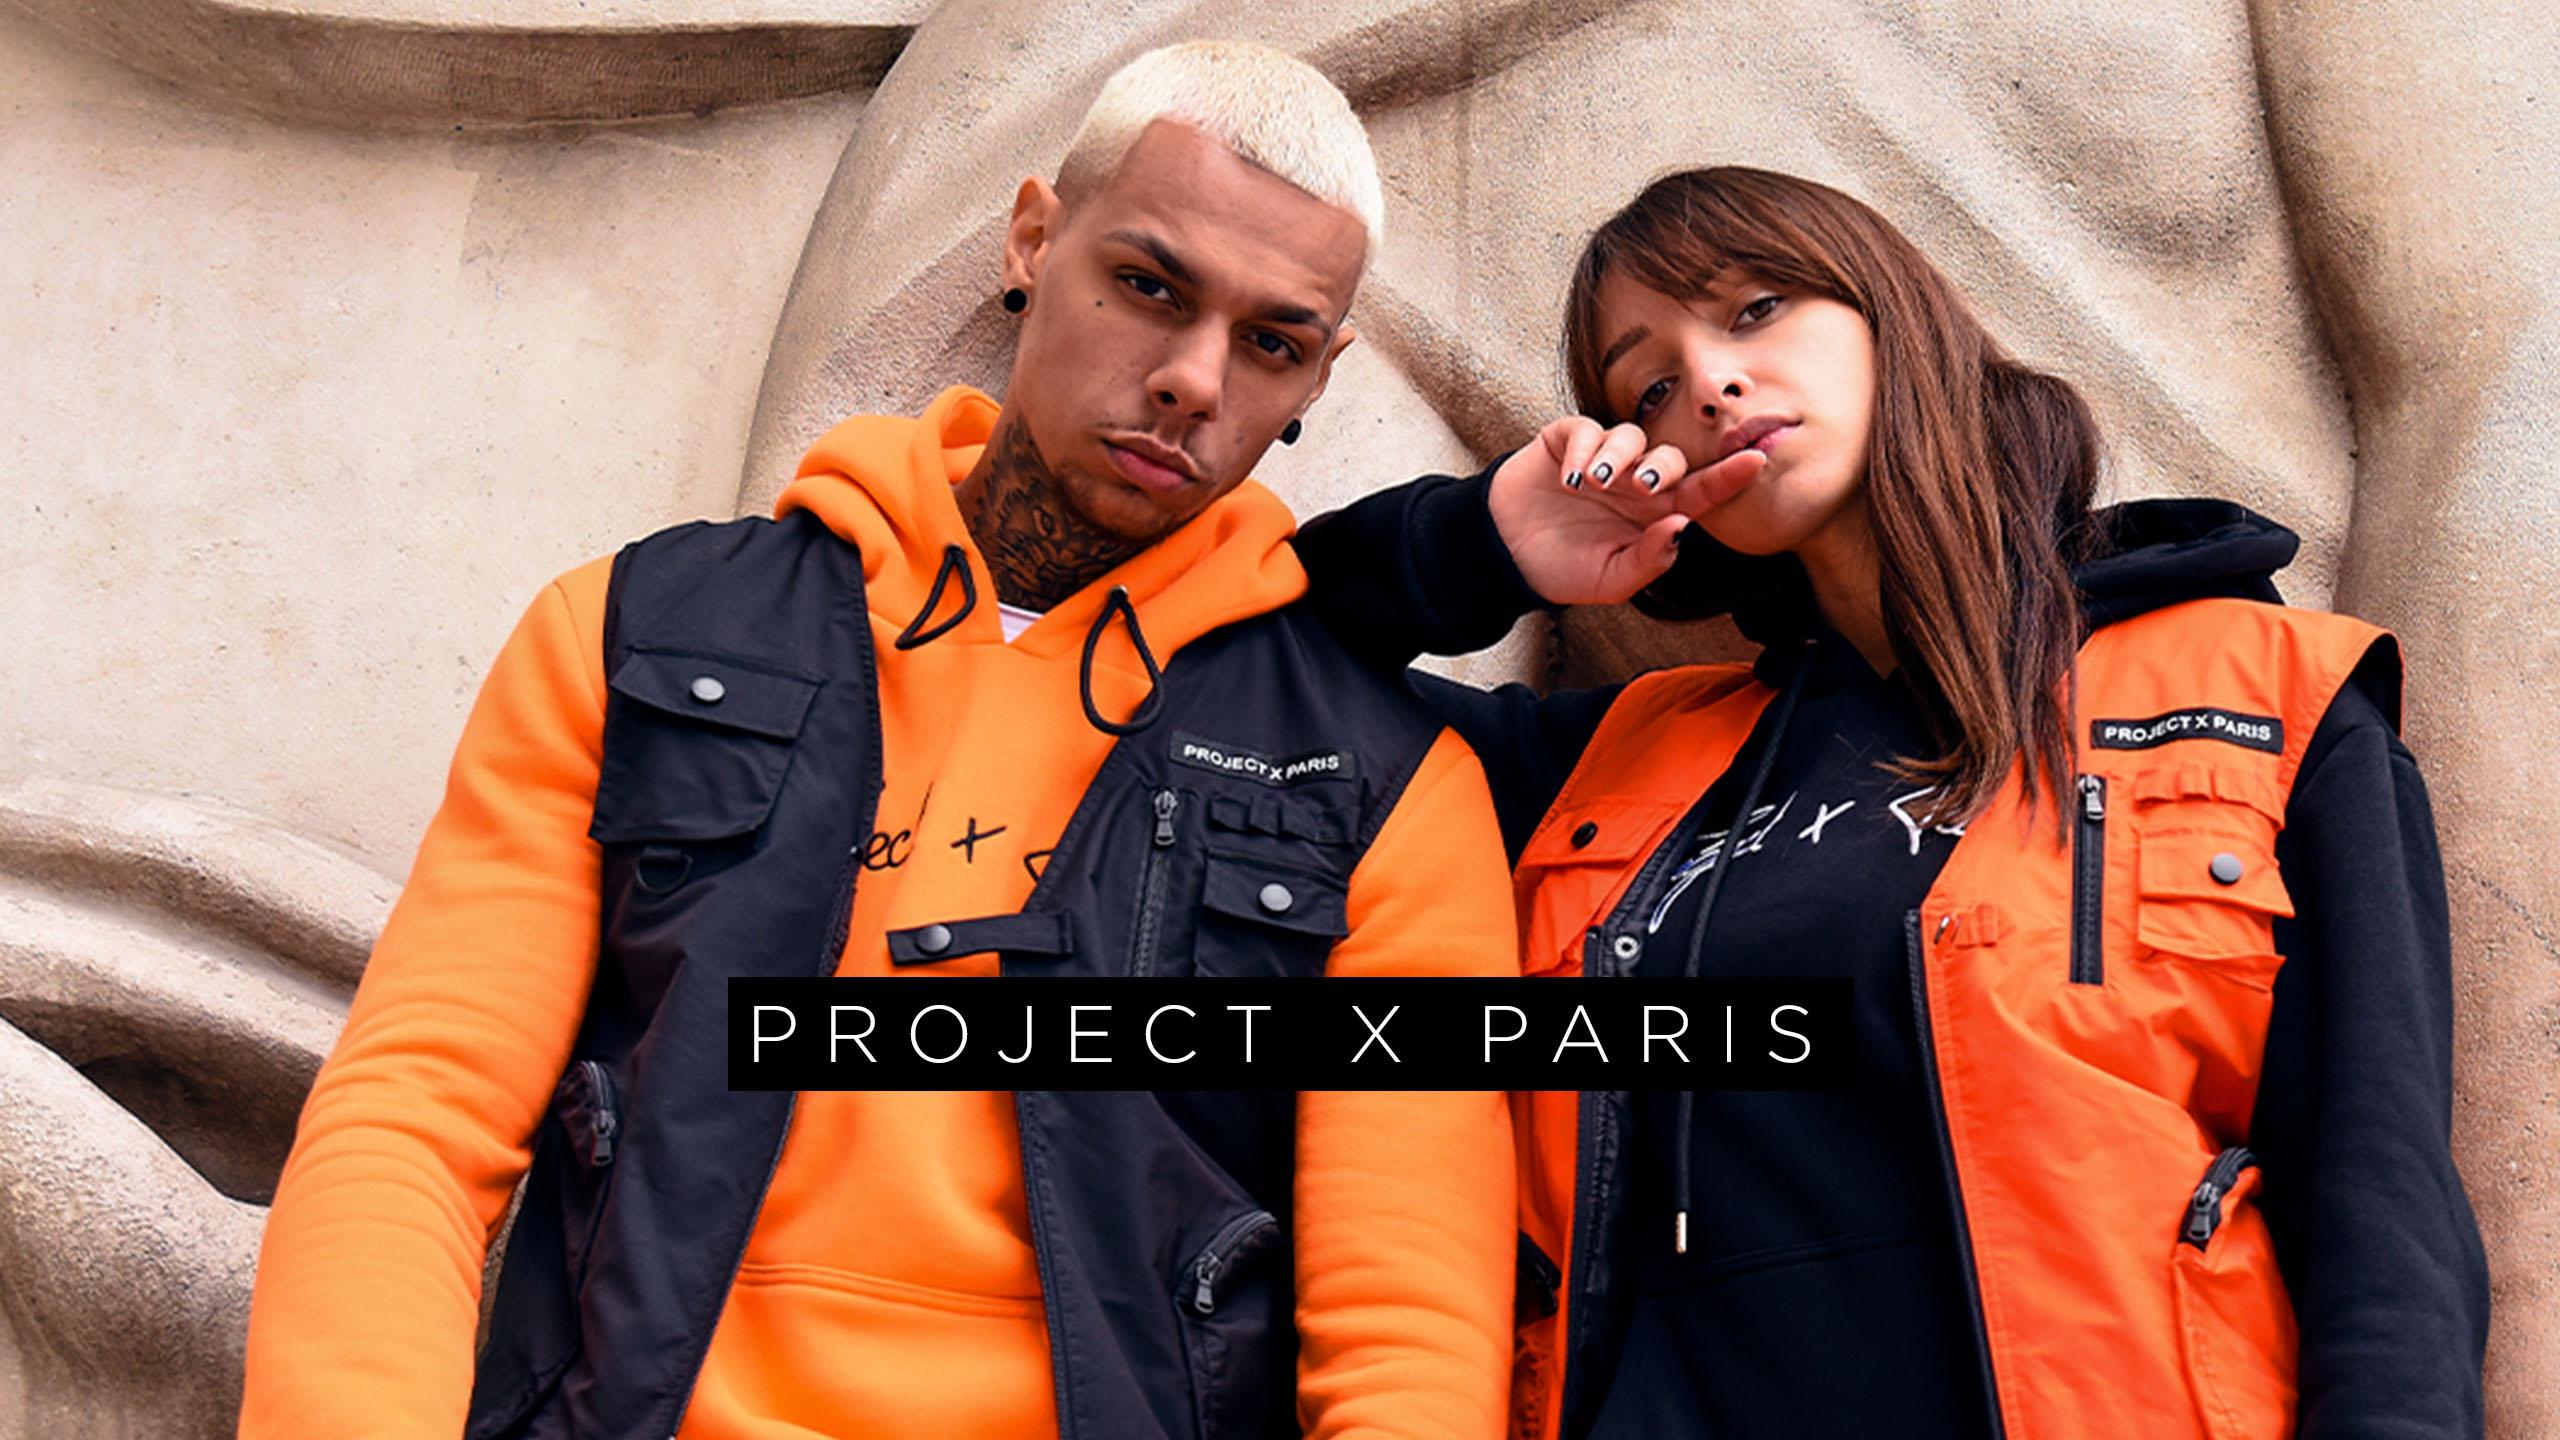 PROJECT X Paris : La marque française qui fait du bruit